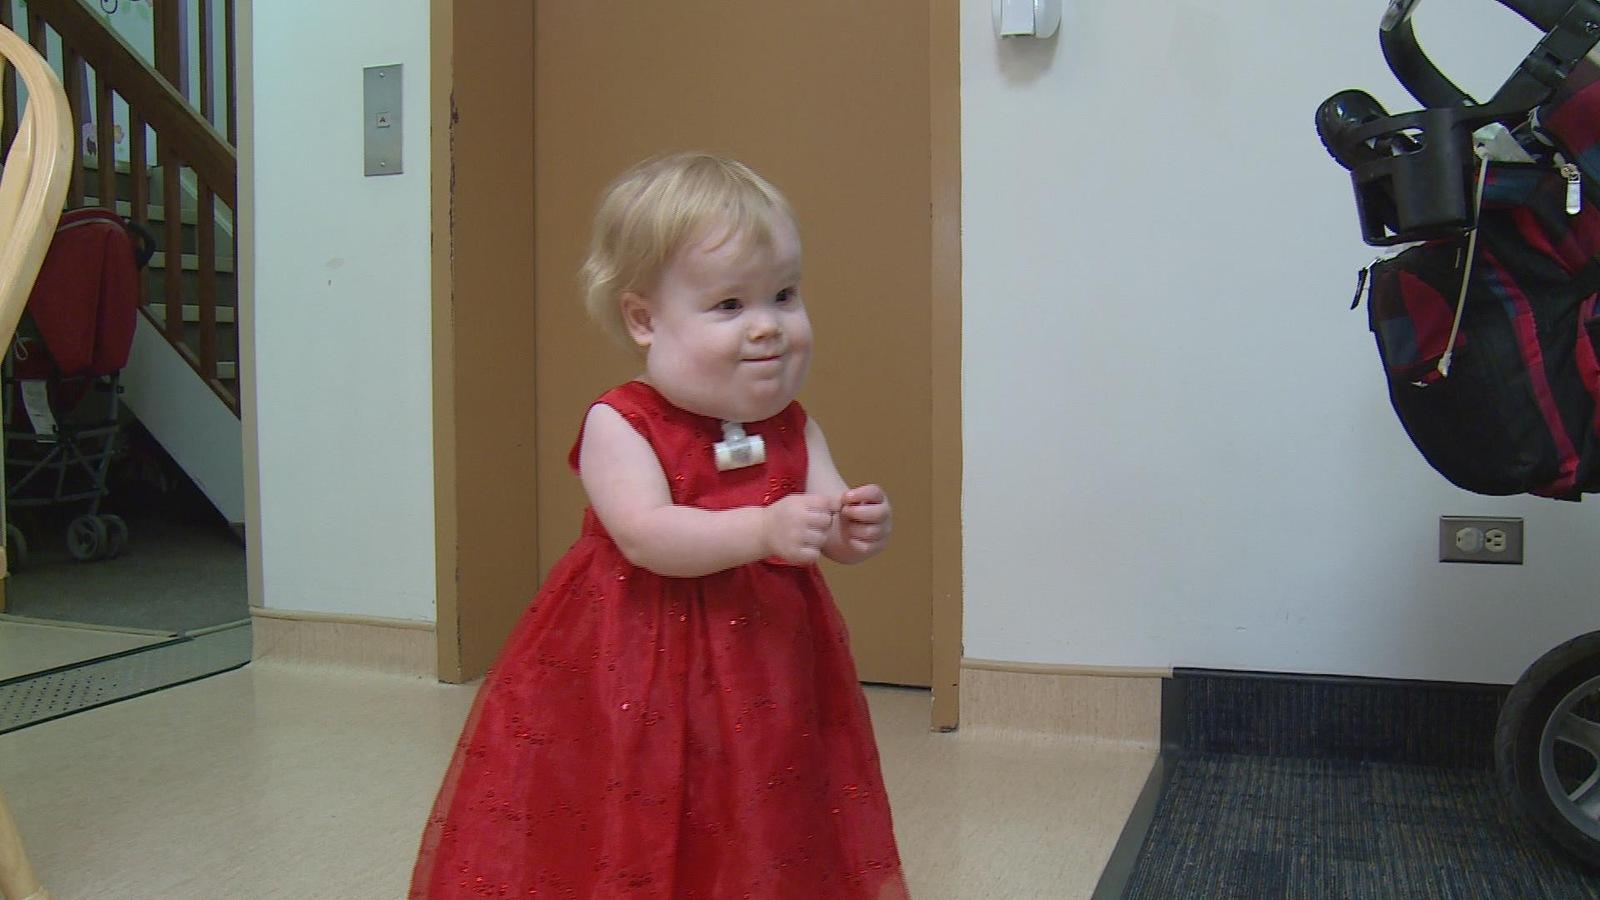 Une petite fille atteinte d'une anomalie congénitale pratique le langage des signes.